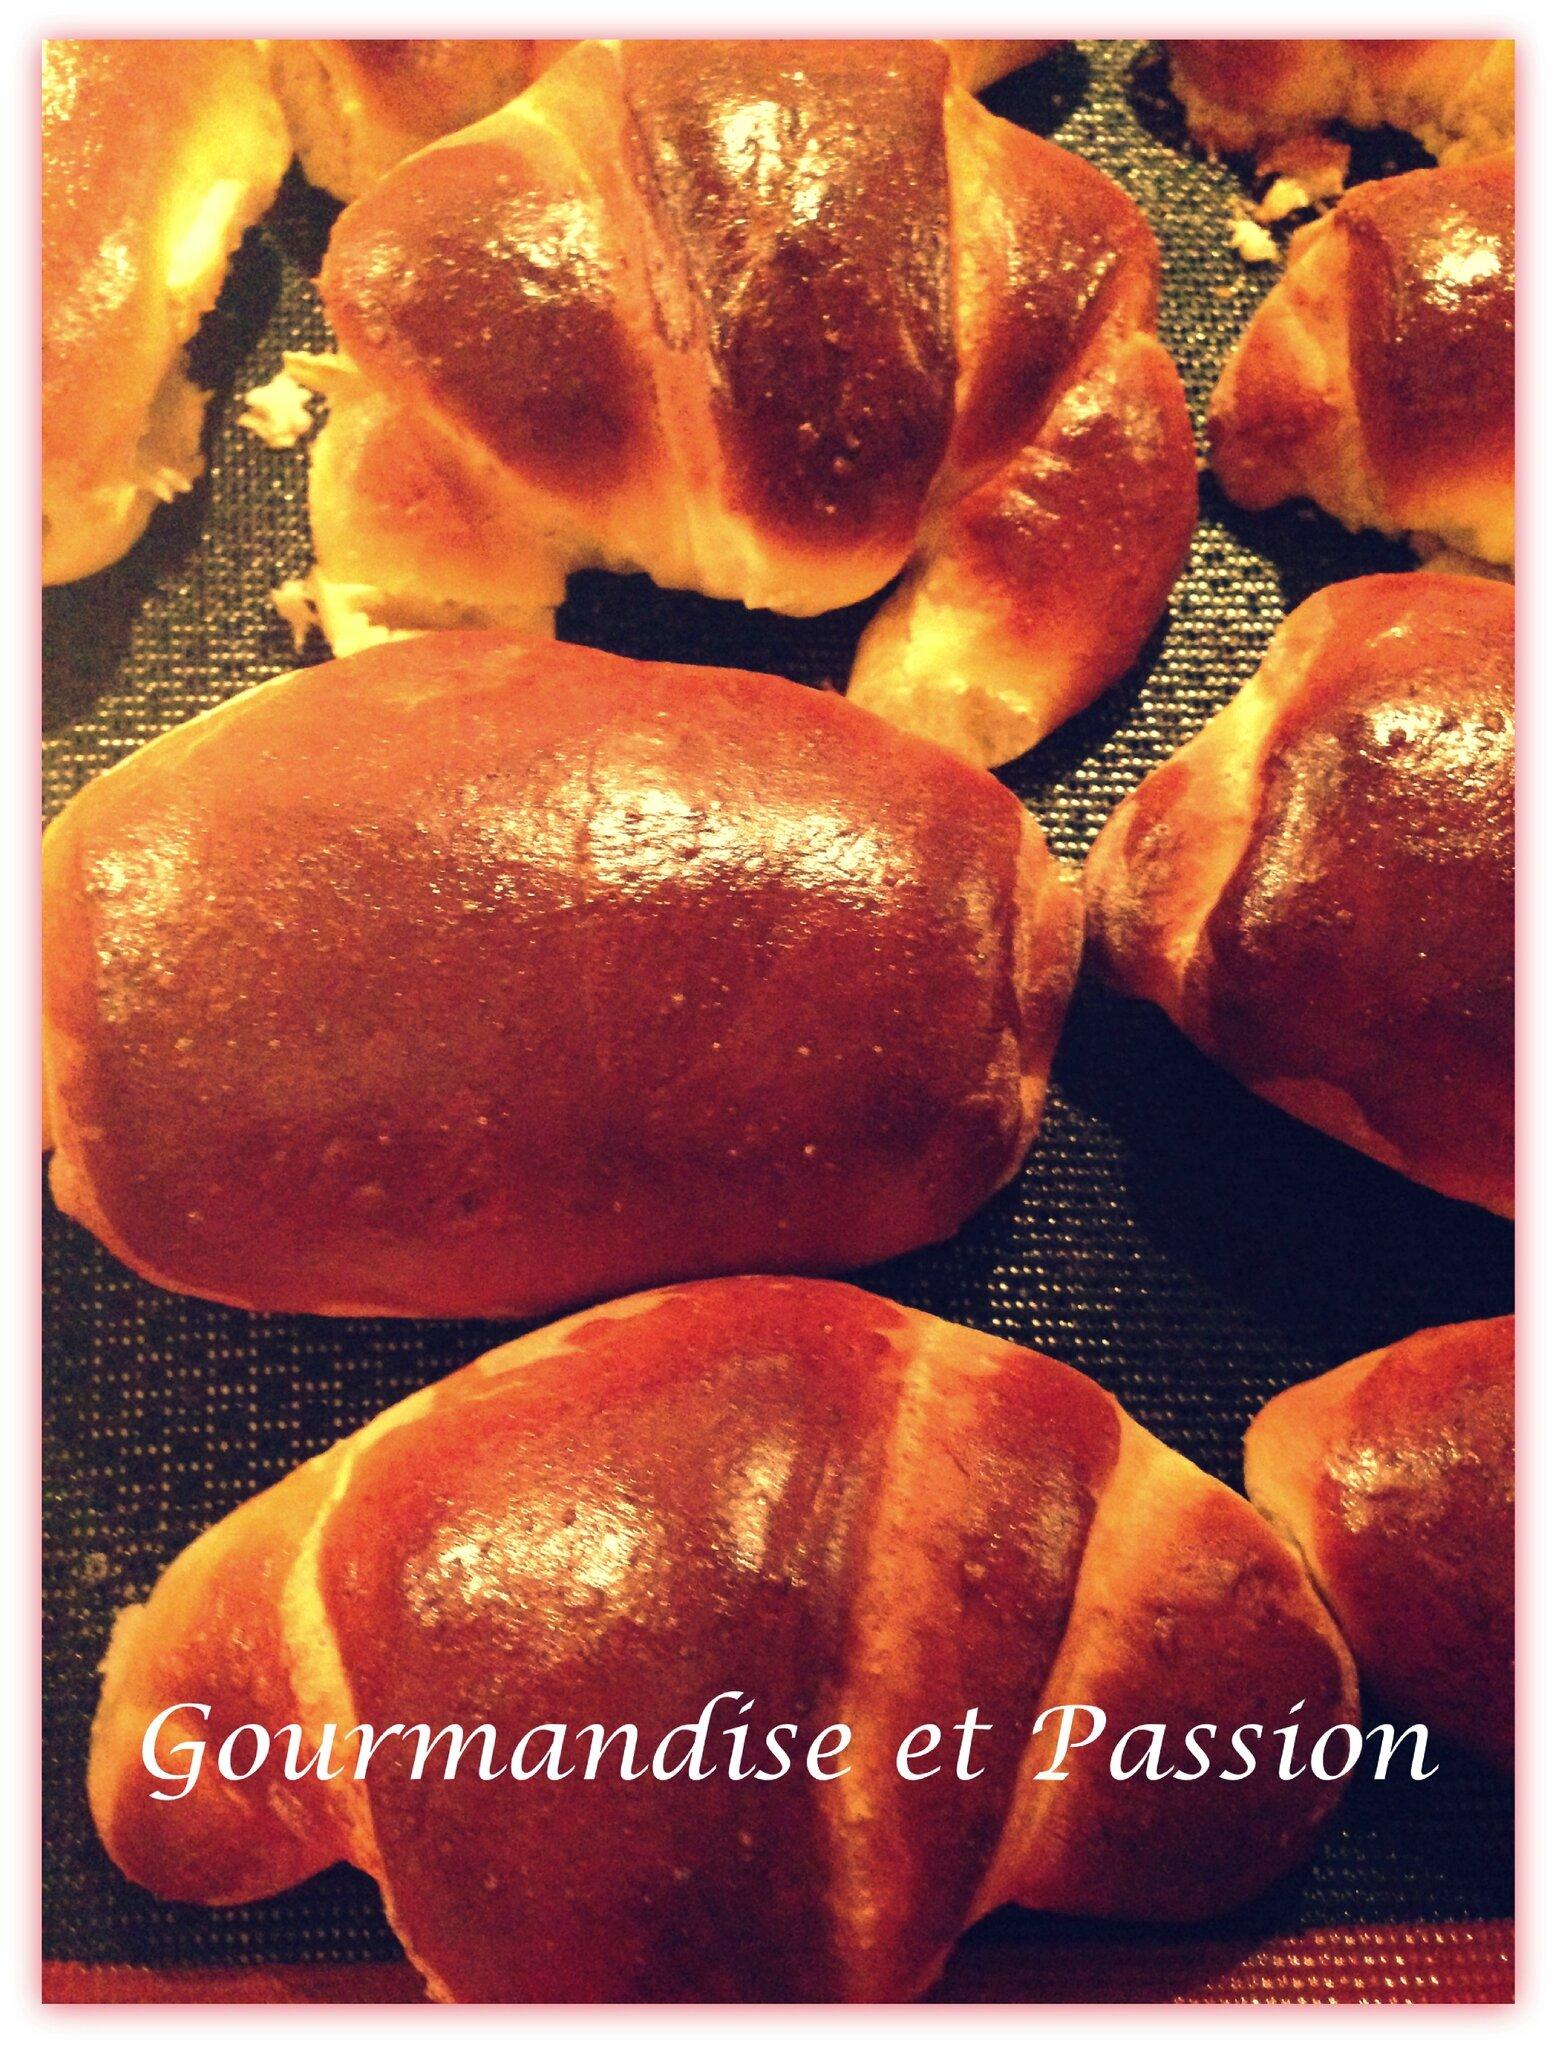 Croissants et pains au chocolat briochés